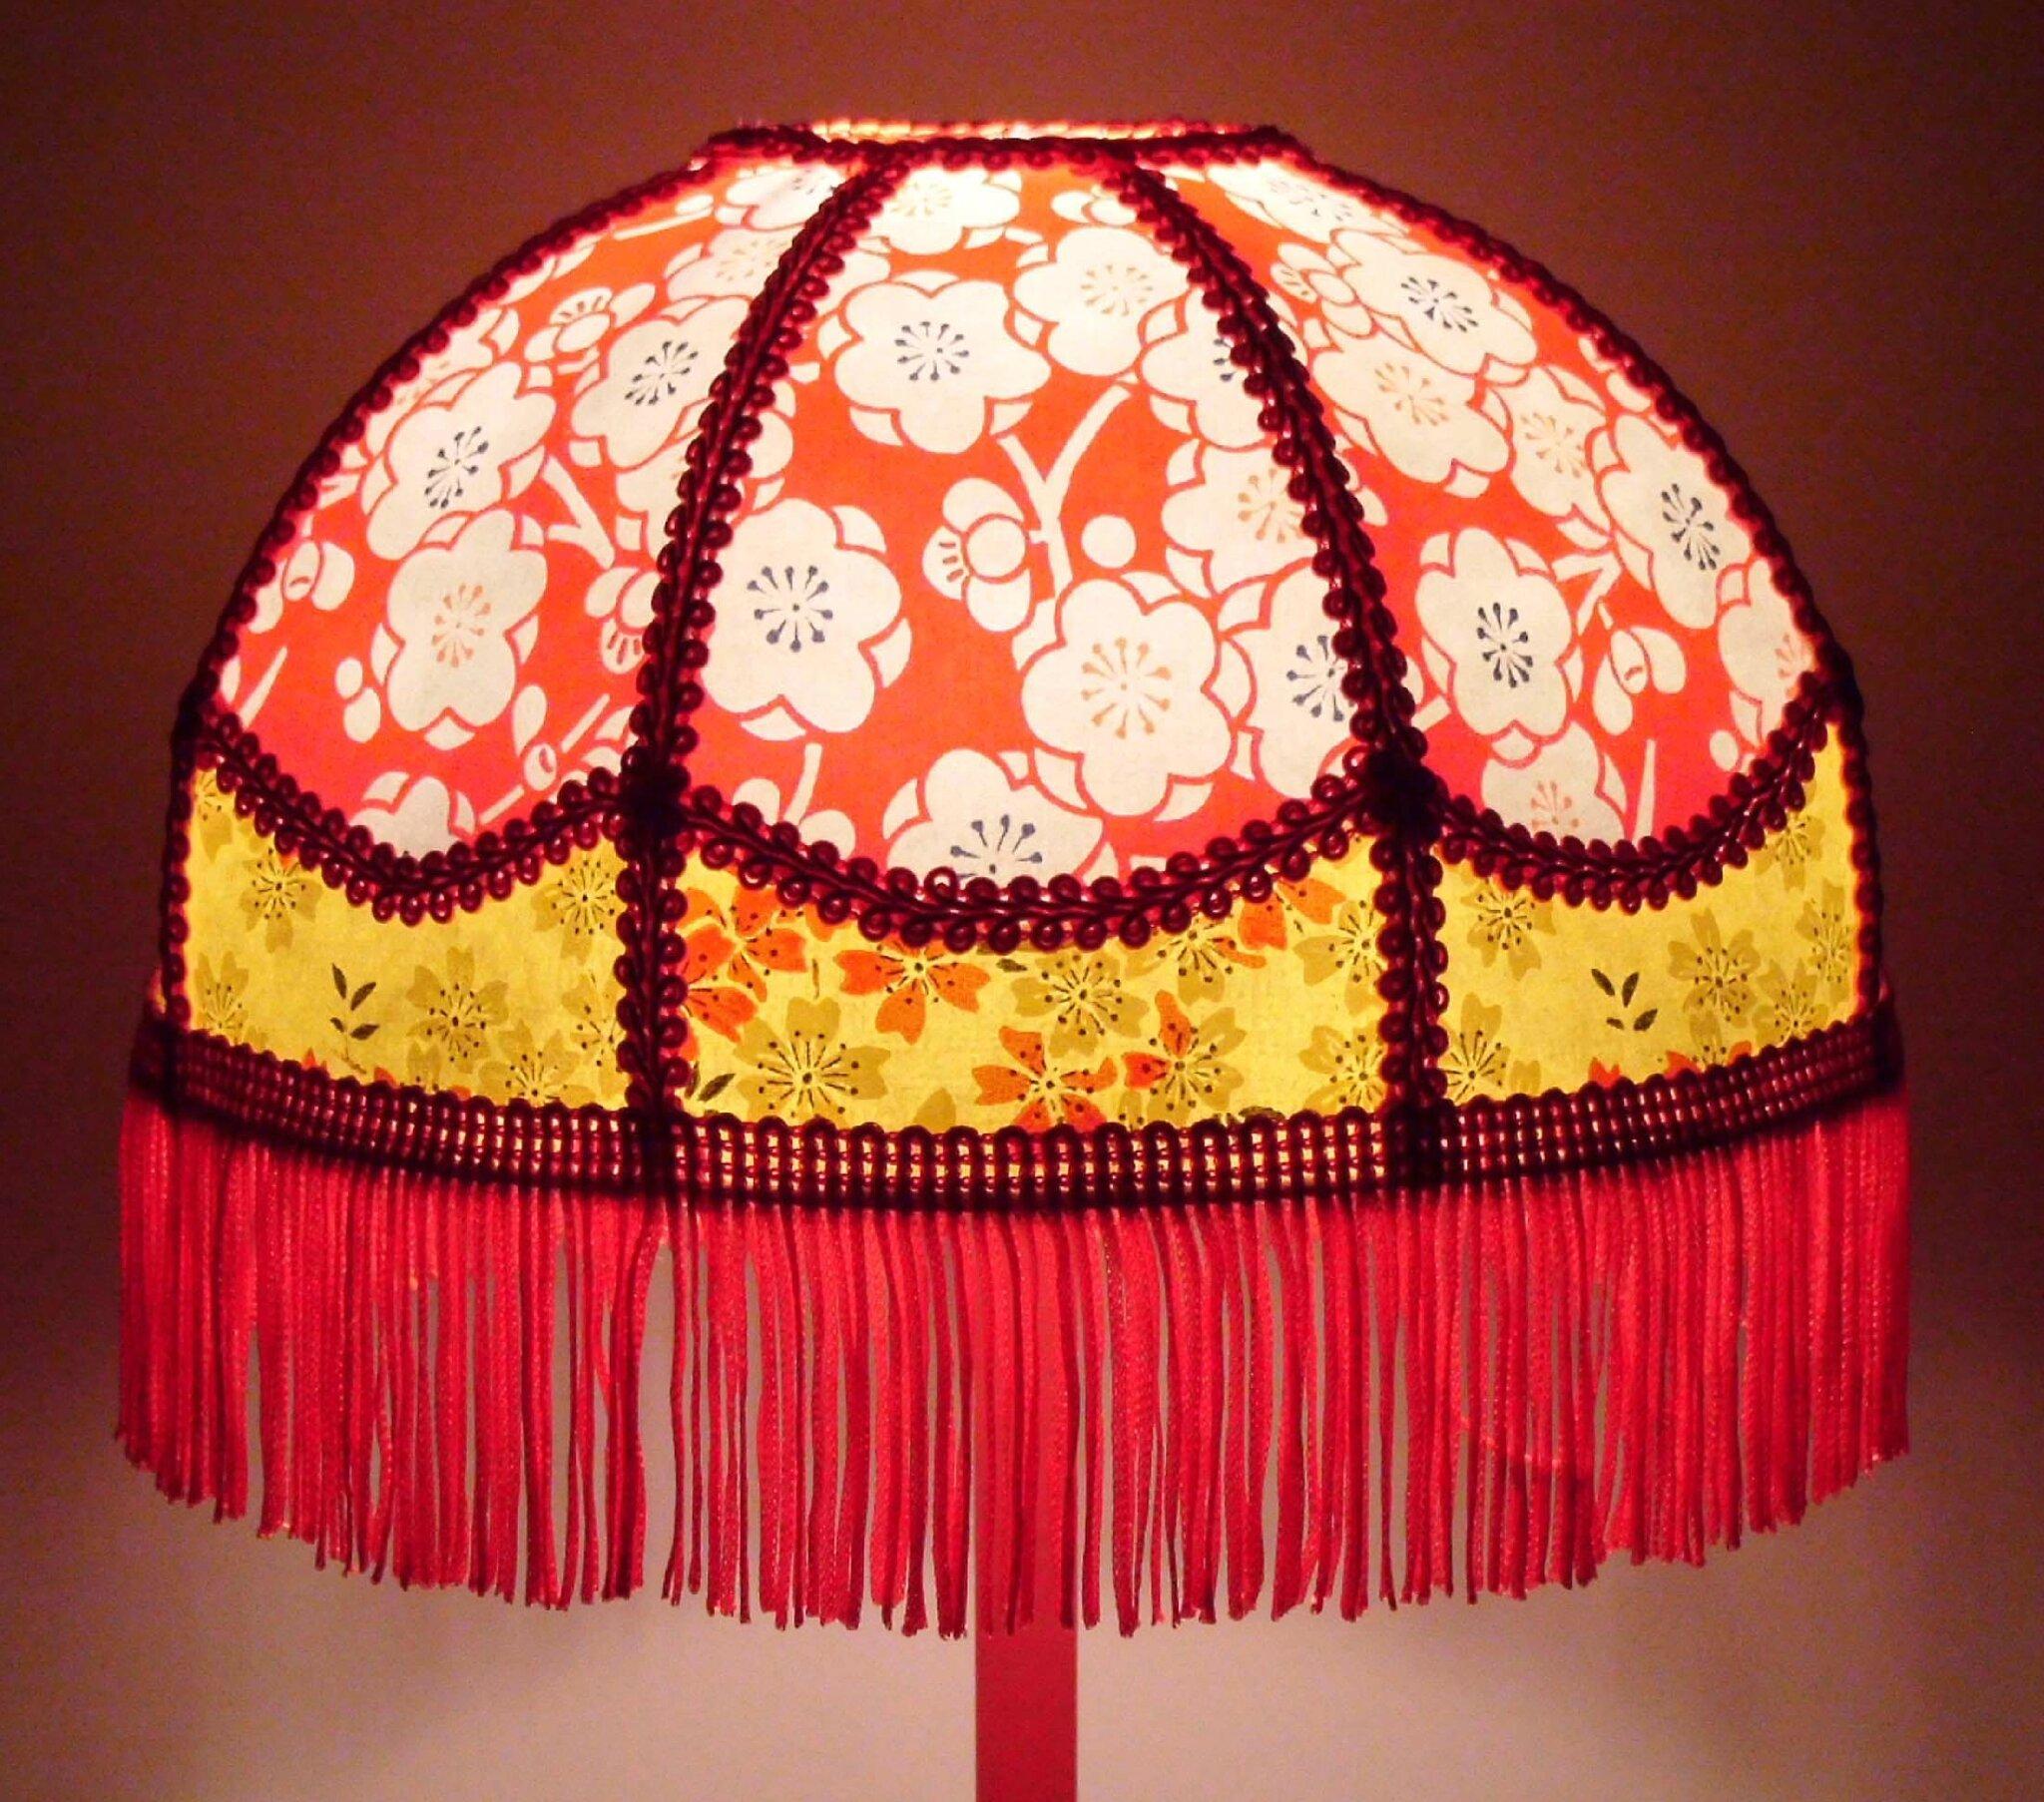 Lampe Laetitia